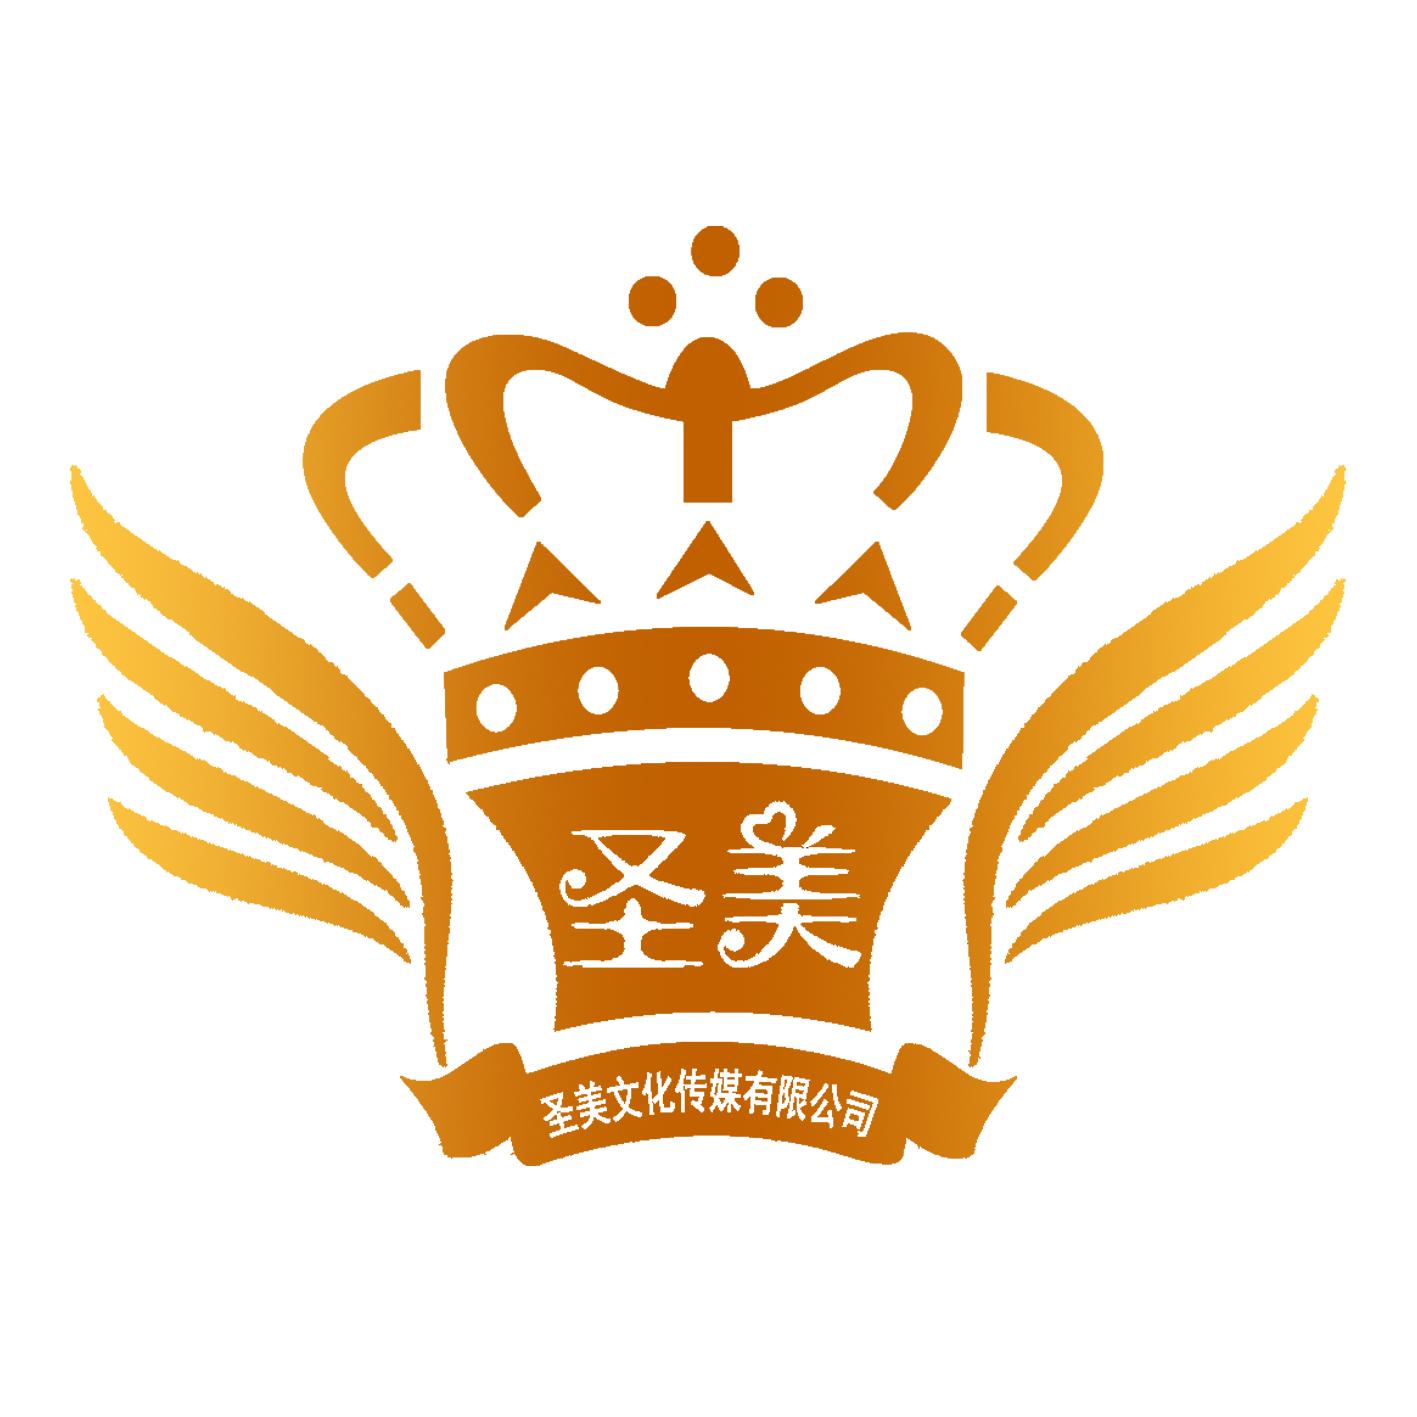 公司logo设计及名片